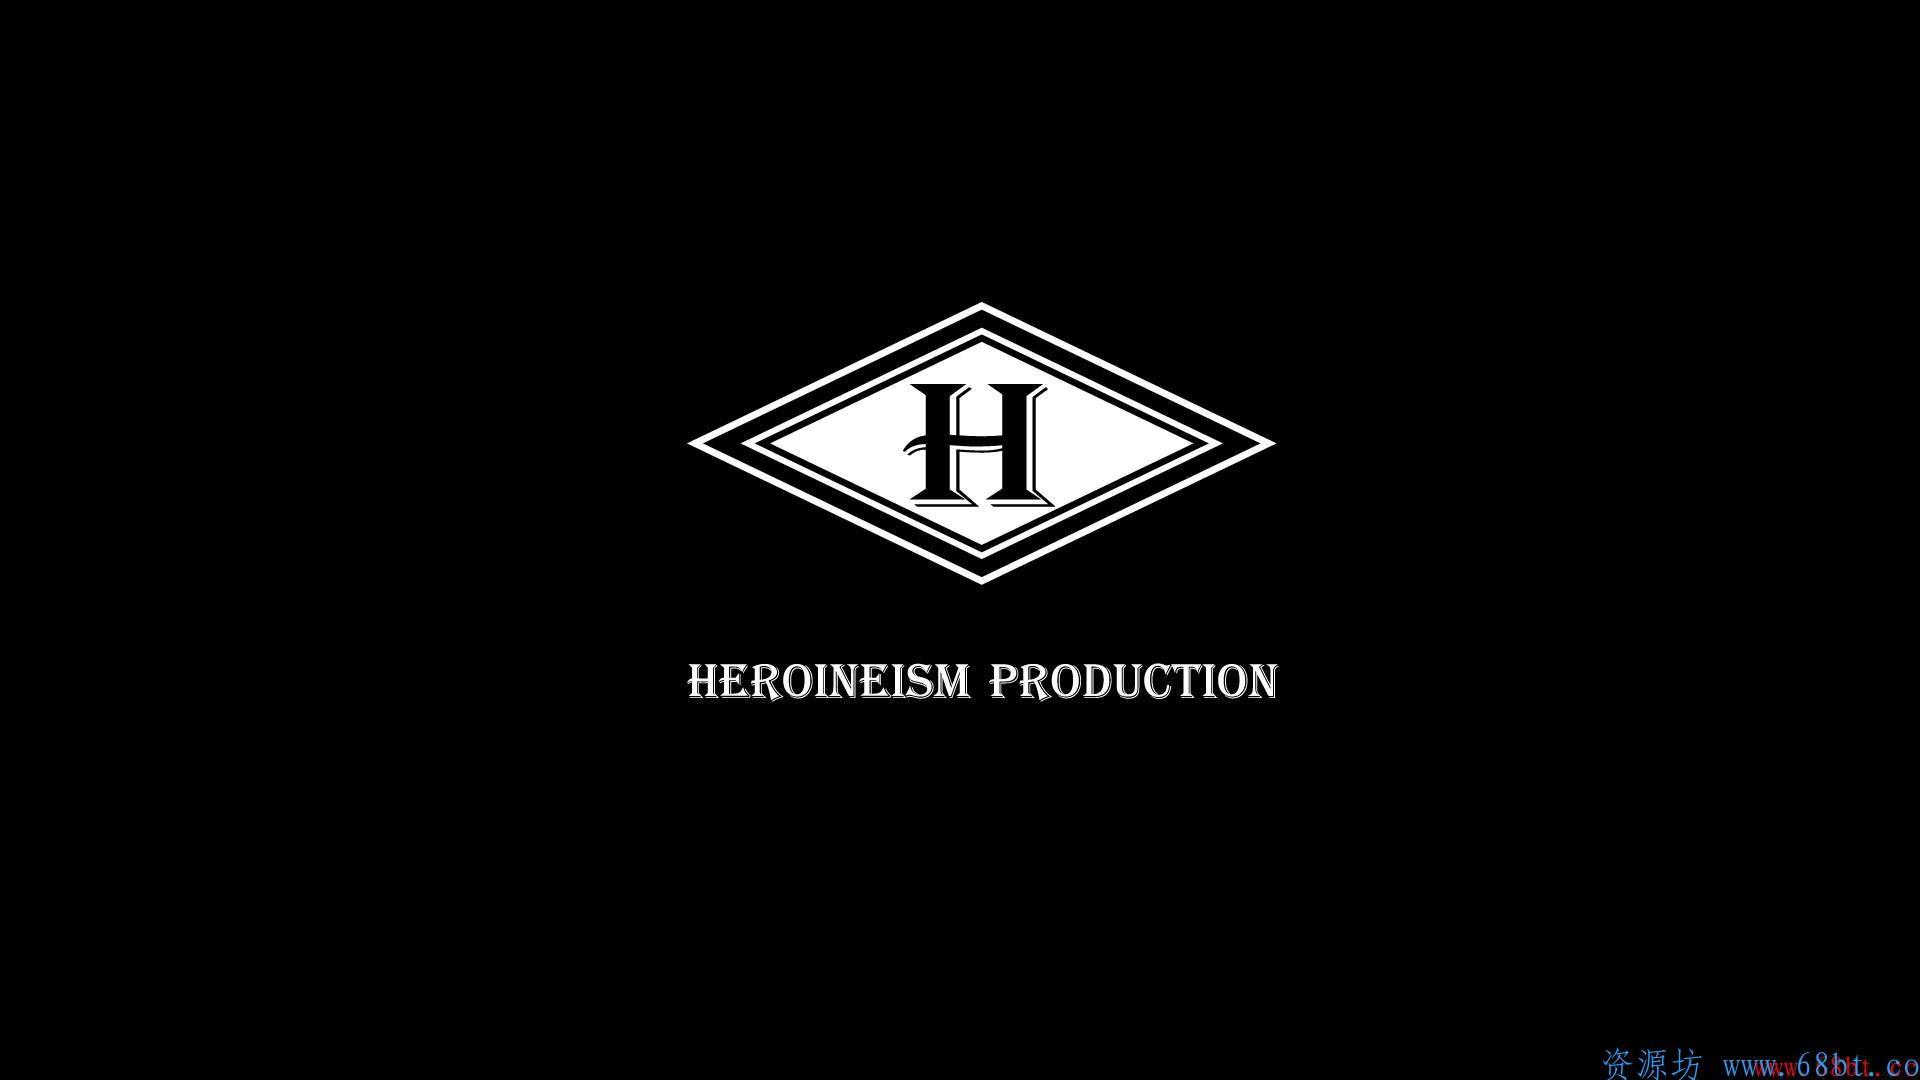 [同人CG集] [Heroineism] Photographic Record of Raped Mari,00_Opening.jpg,第1张